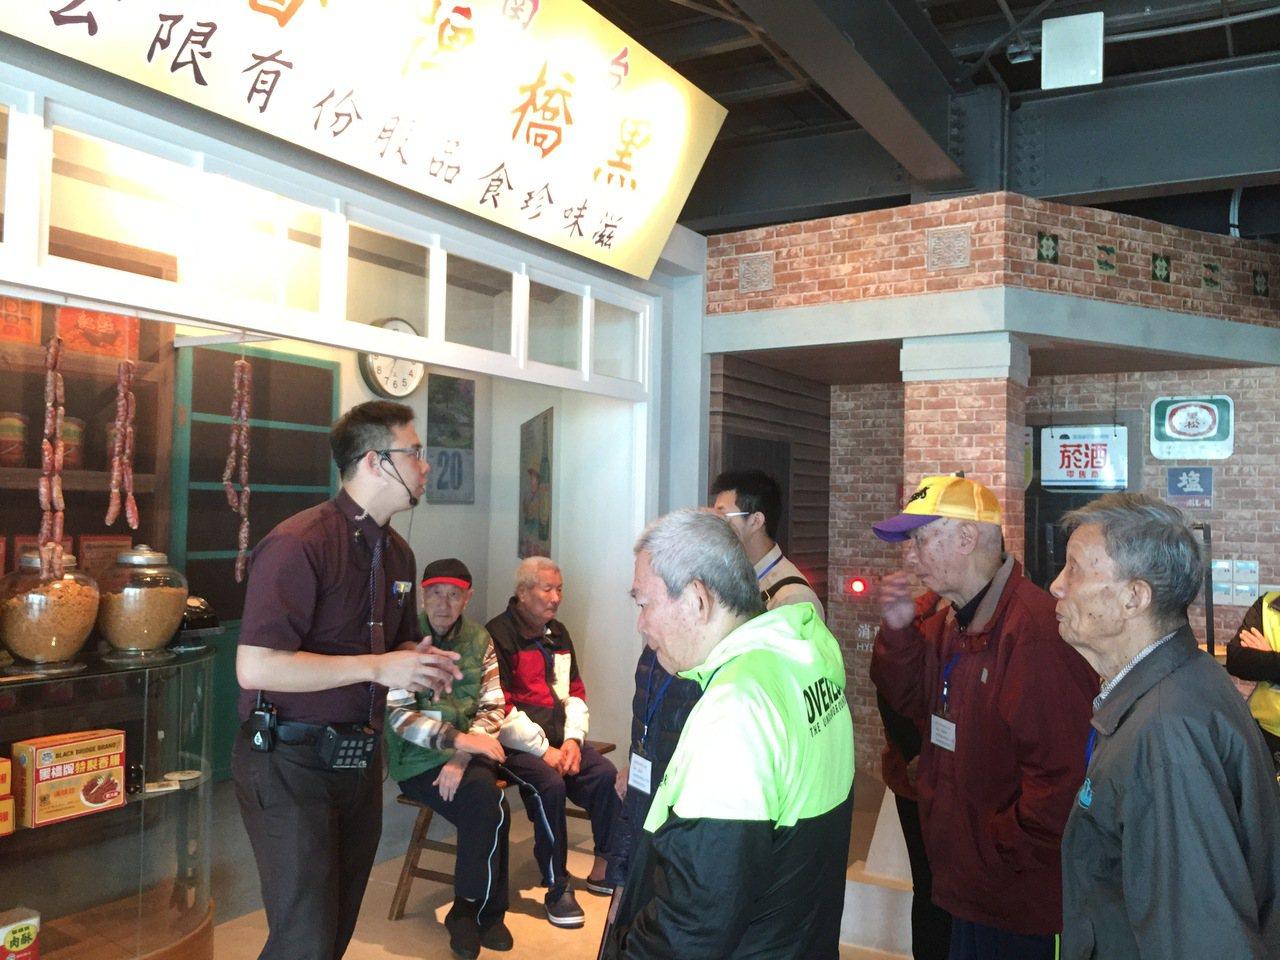 台南佳里榮家帶領榮家長輩們參觀台南地區觀光工廠。圖/佳里榮家提供